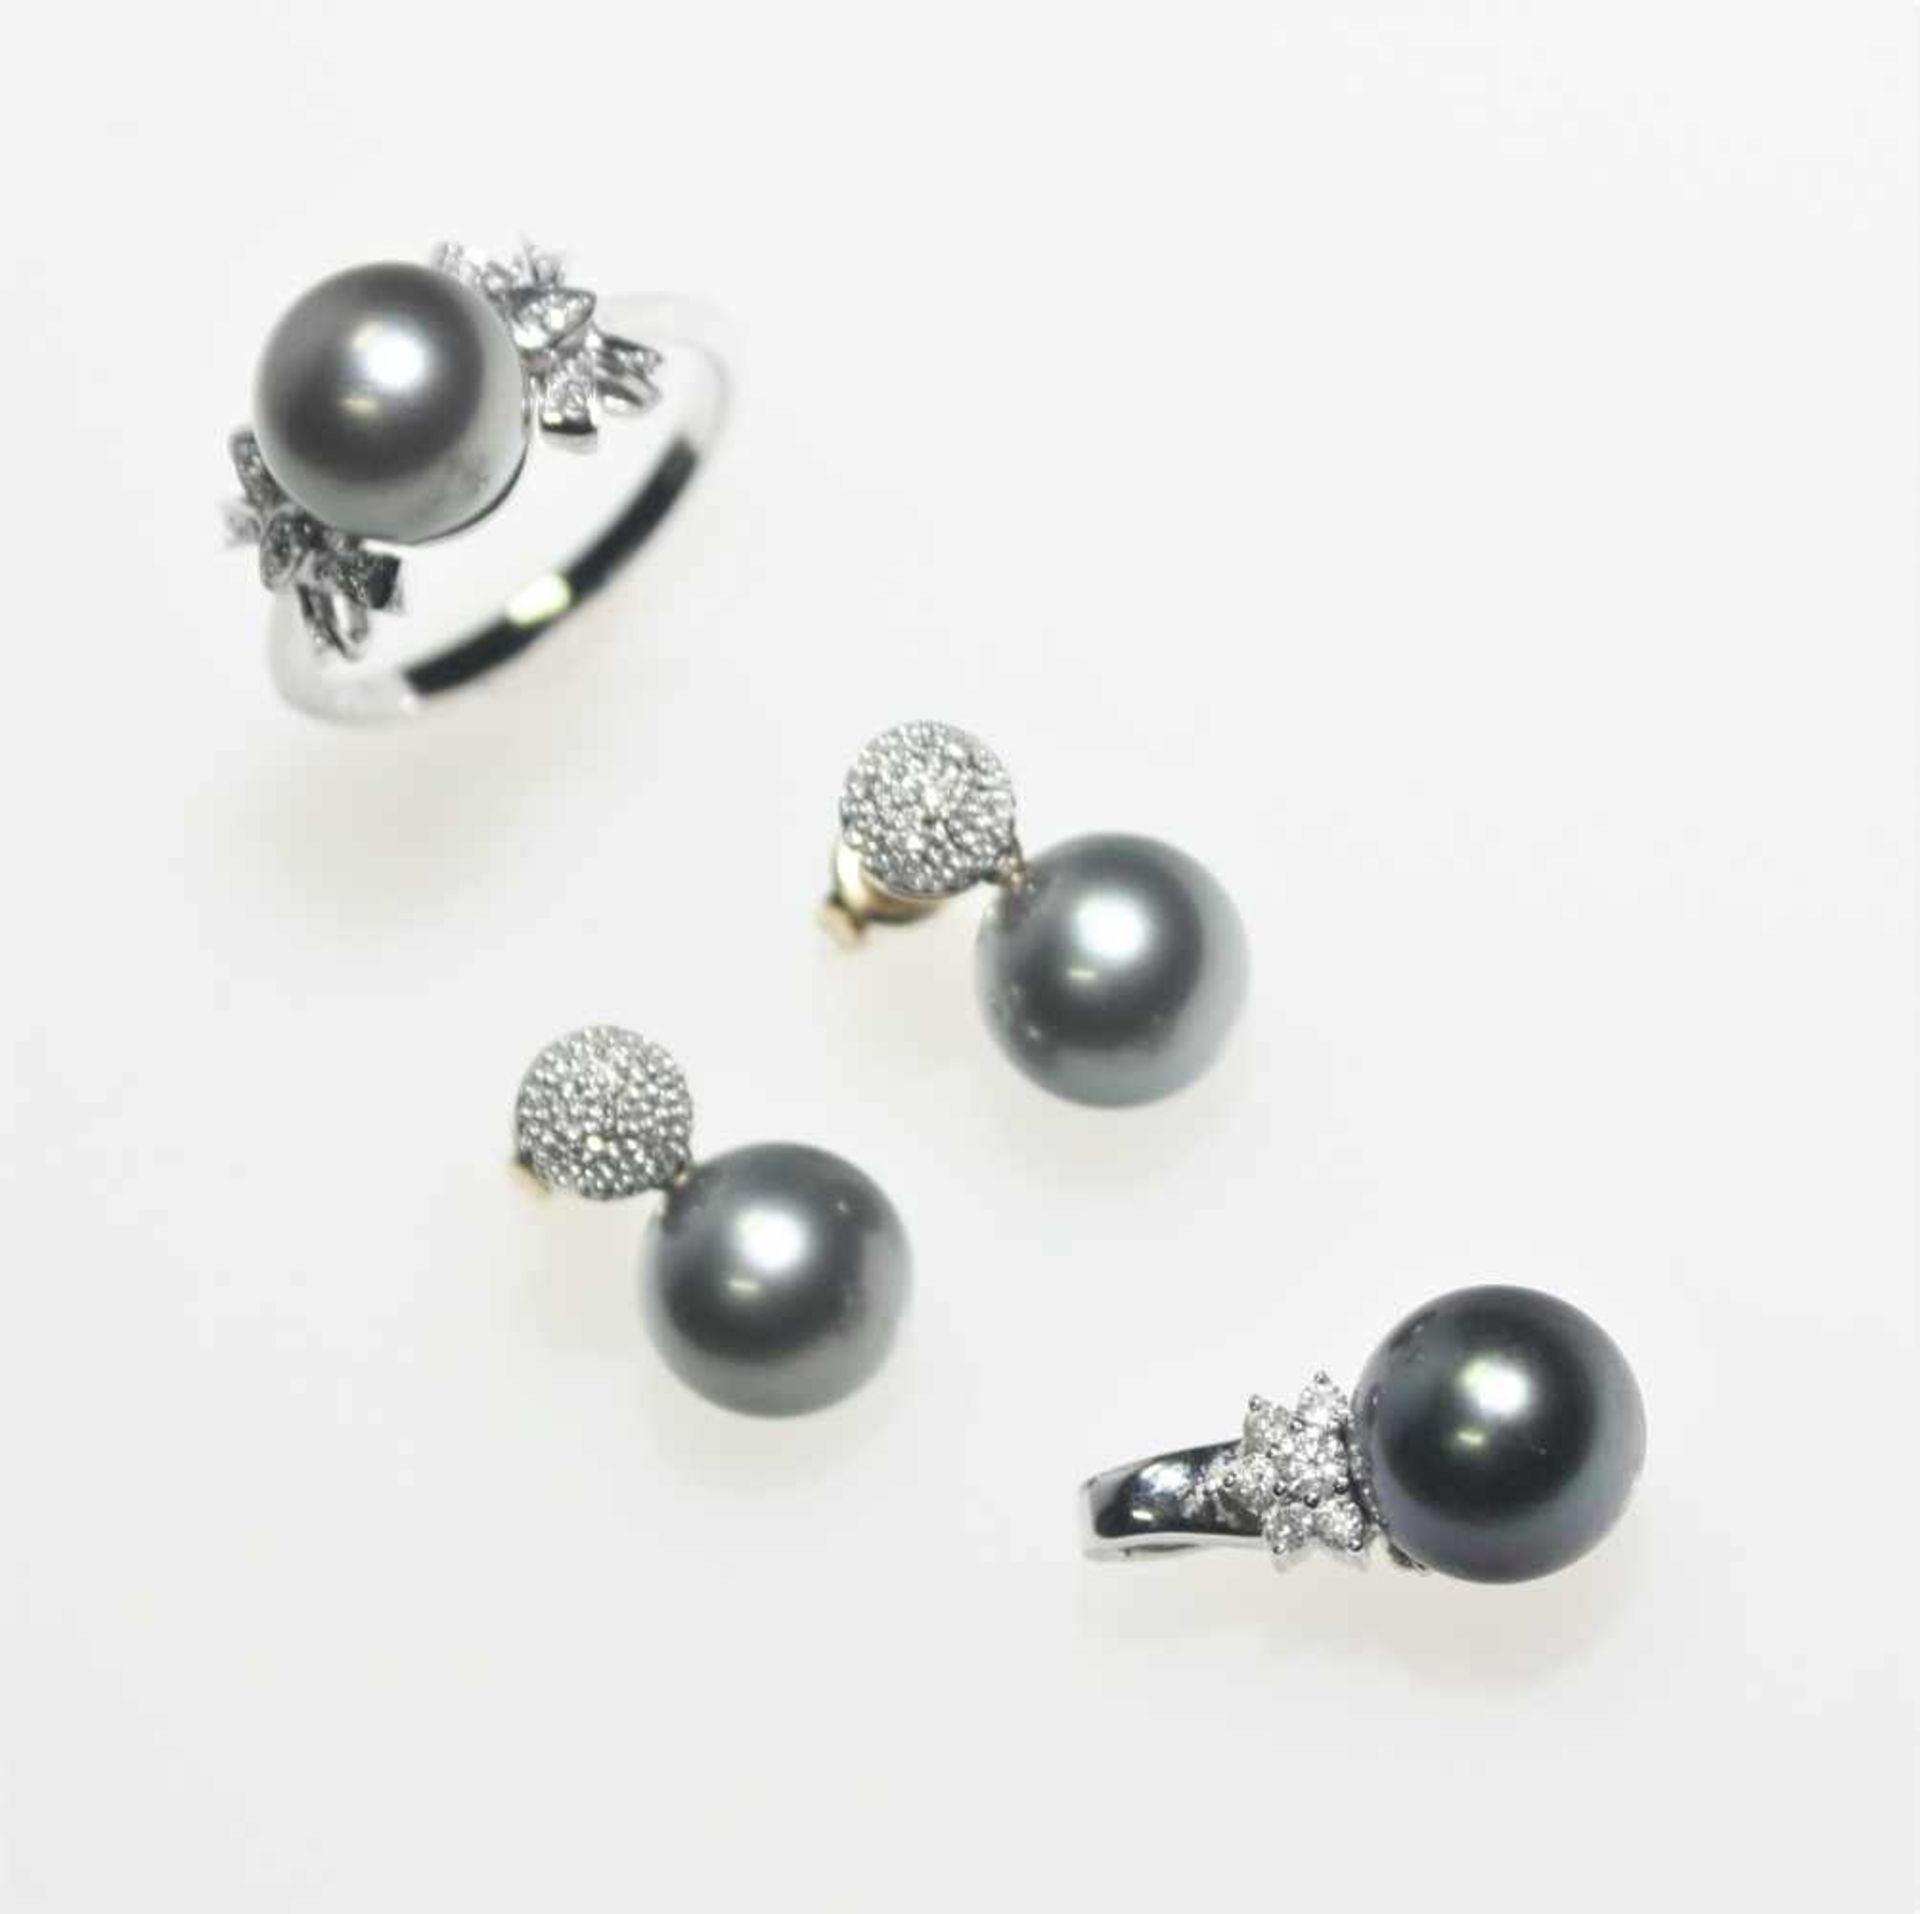 Los 58 - Modernes Perlkonvolut 585/f gest.;1 Weißgoldring mit einer grauen Perle, seitlich zur Ringschiene je